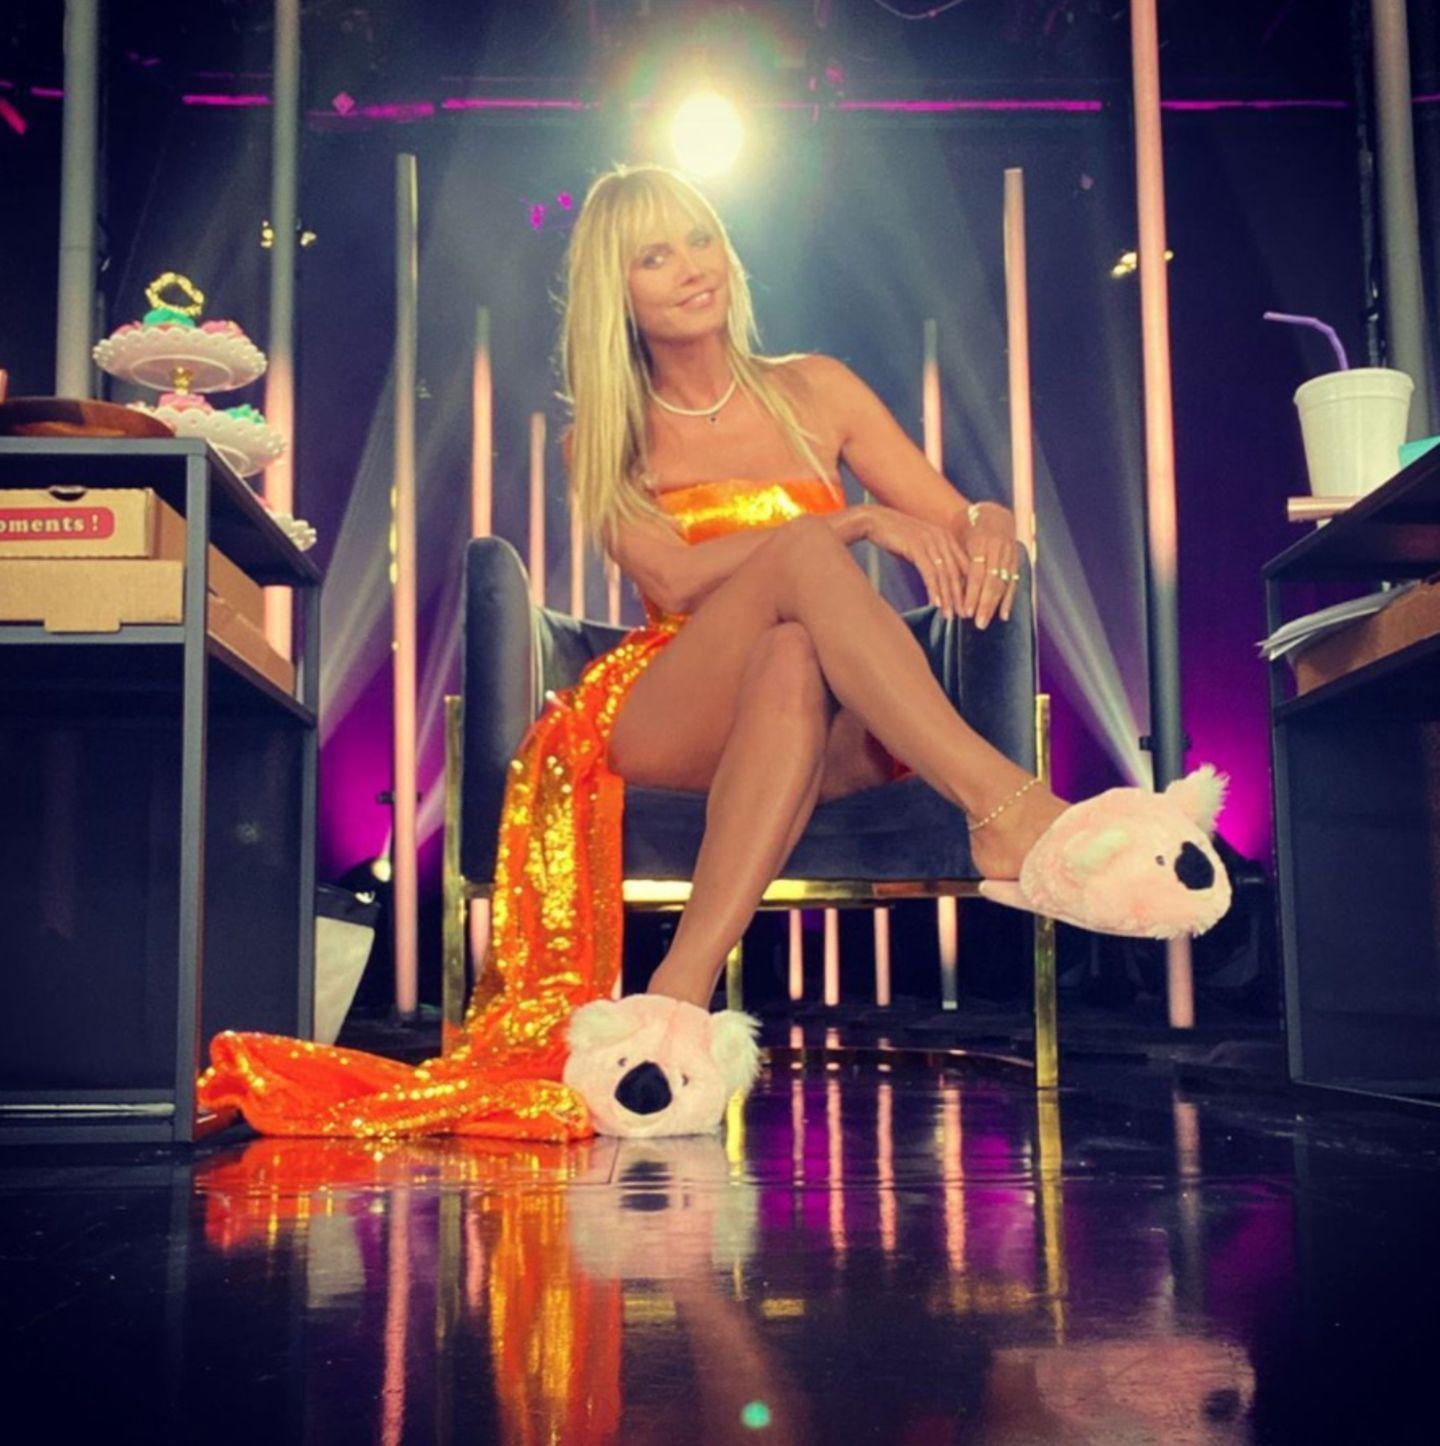 """21. Mai 2020  Hinter den Kulissen des Finales von """"Germany's Next Top Model"""" entsteht dieser lustige Schnappschuss von Heidi Klum. Im bühnenreifen Glitzer-Outfitt wartet die Model-Mama auf ihren Auftritt. Statt meterhoher High Heels zieren derweil zwei gemütliche Koala-Puschen ihre Füße. Glamourös und trotzdem bodenständig- so kennen wir unsere Heidi!"""